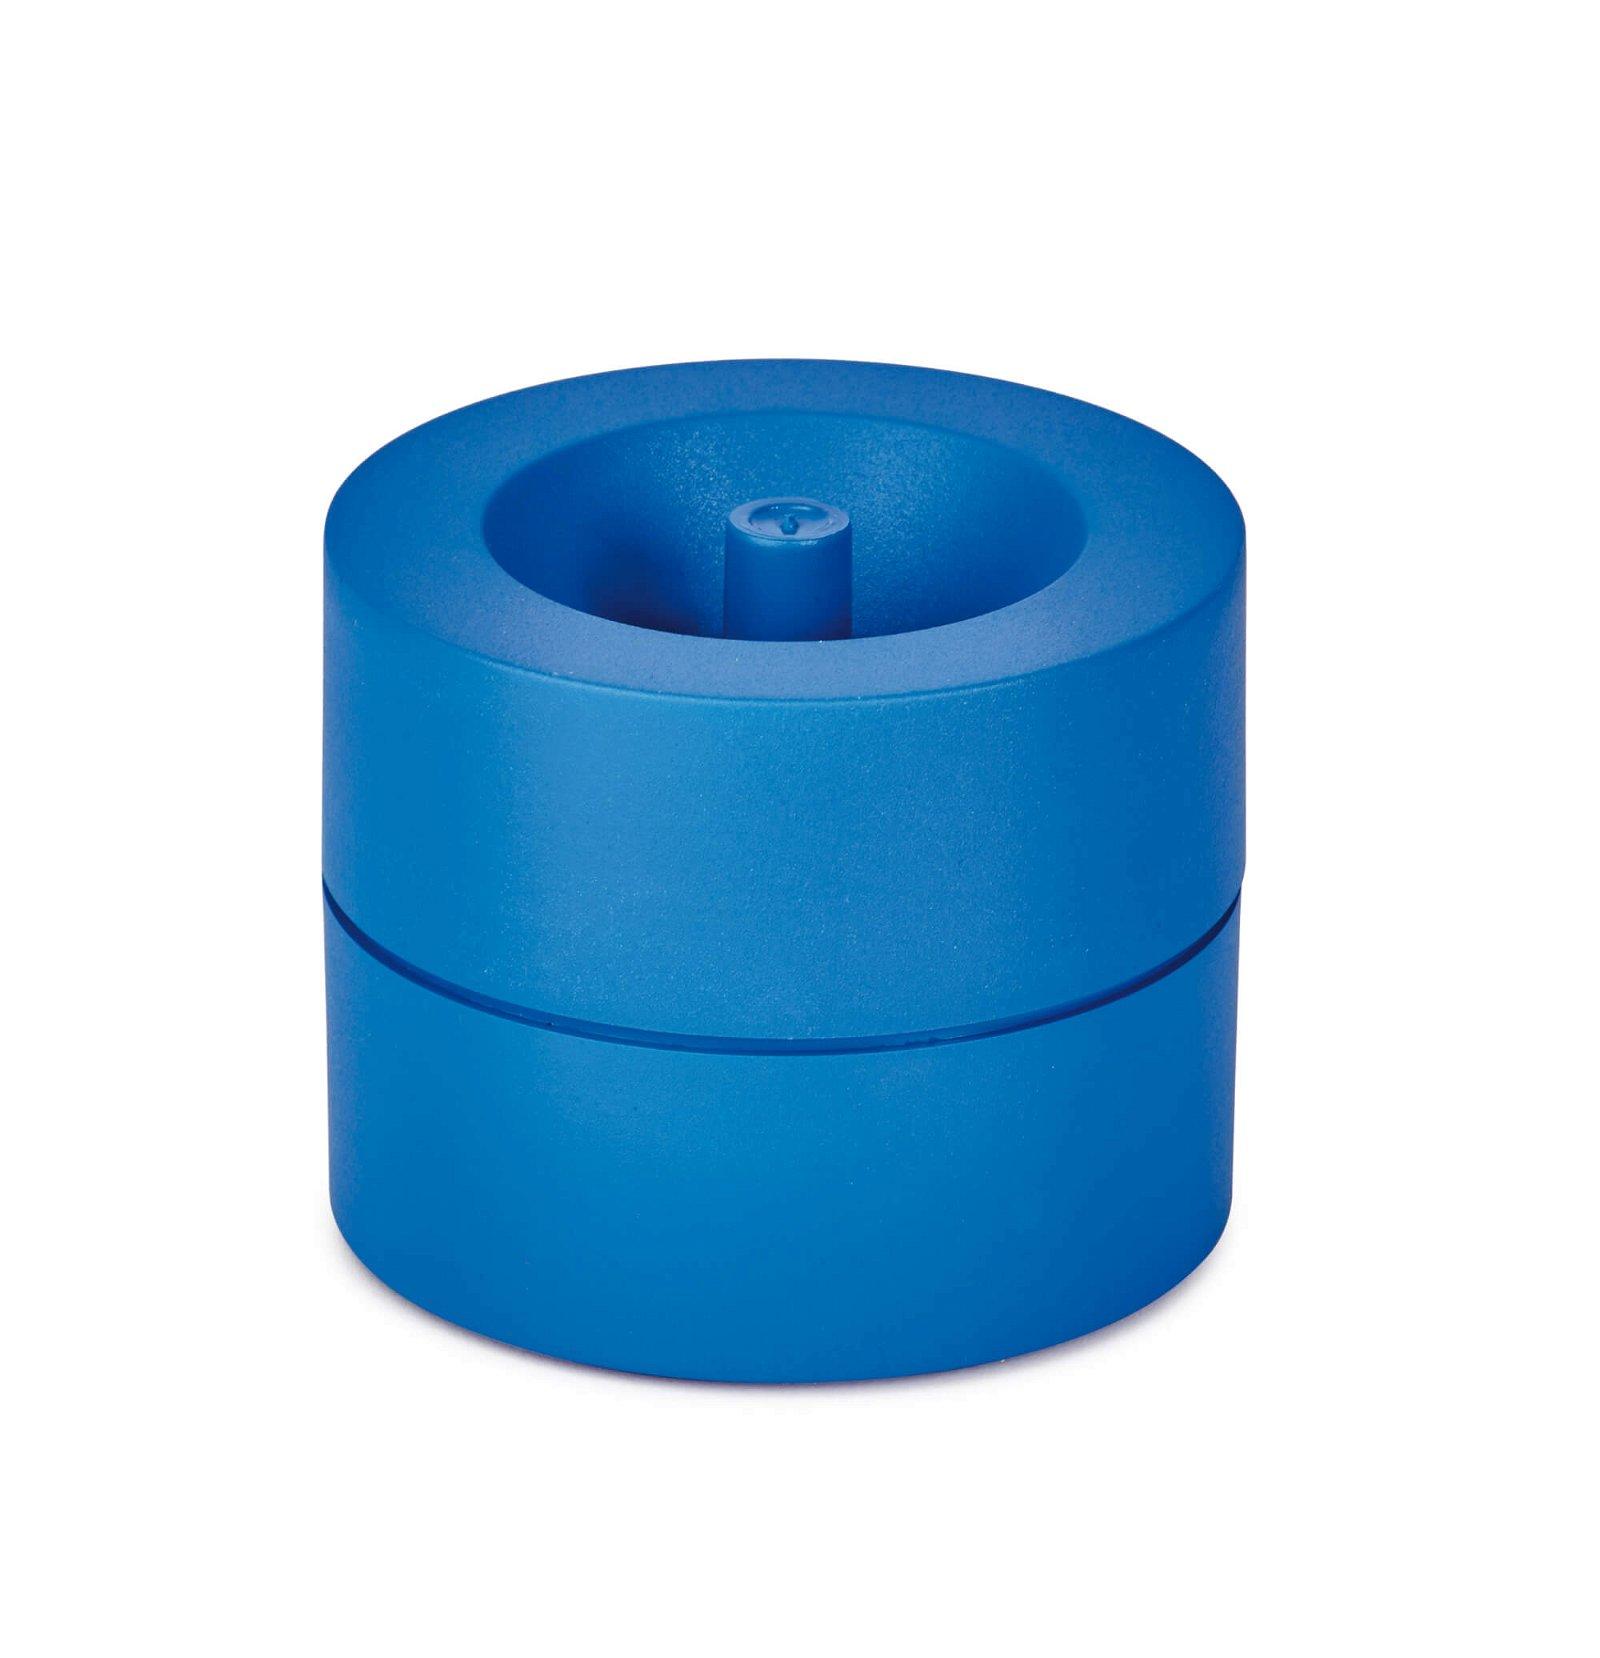 Klammernspender MAULpro Eco, blau